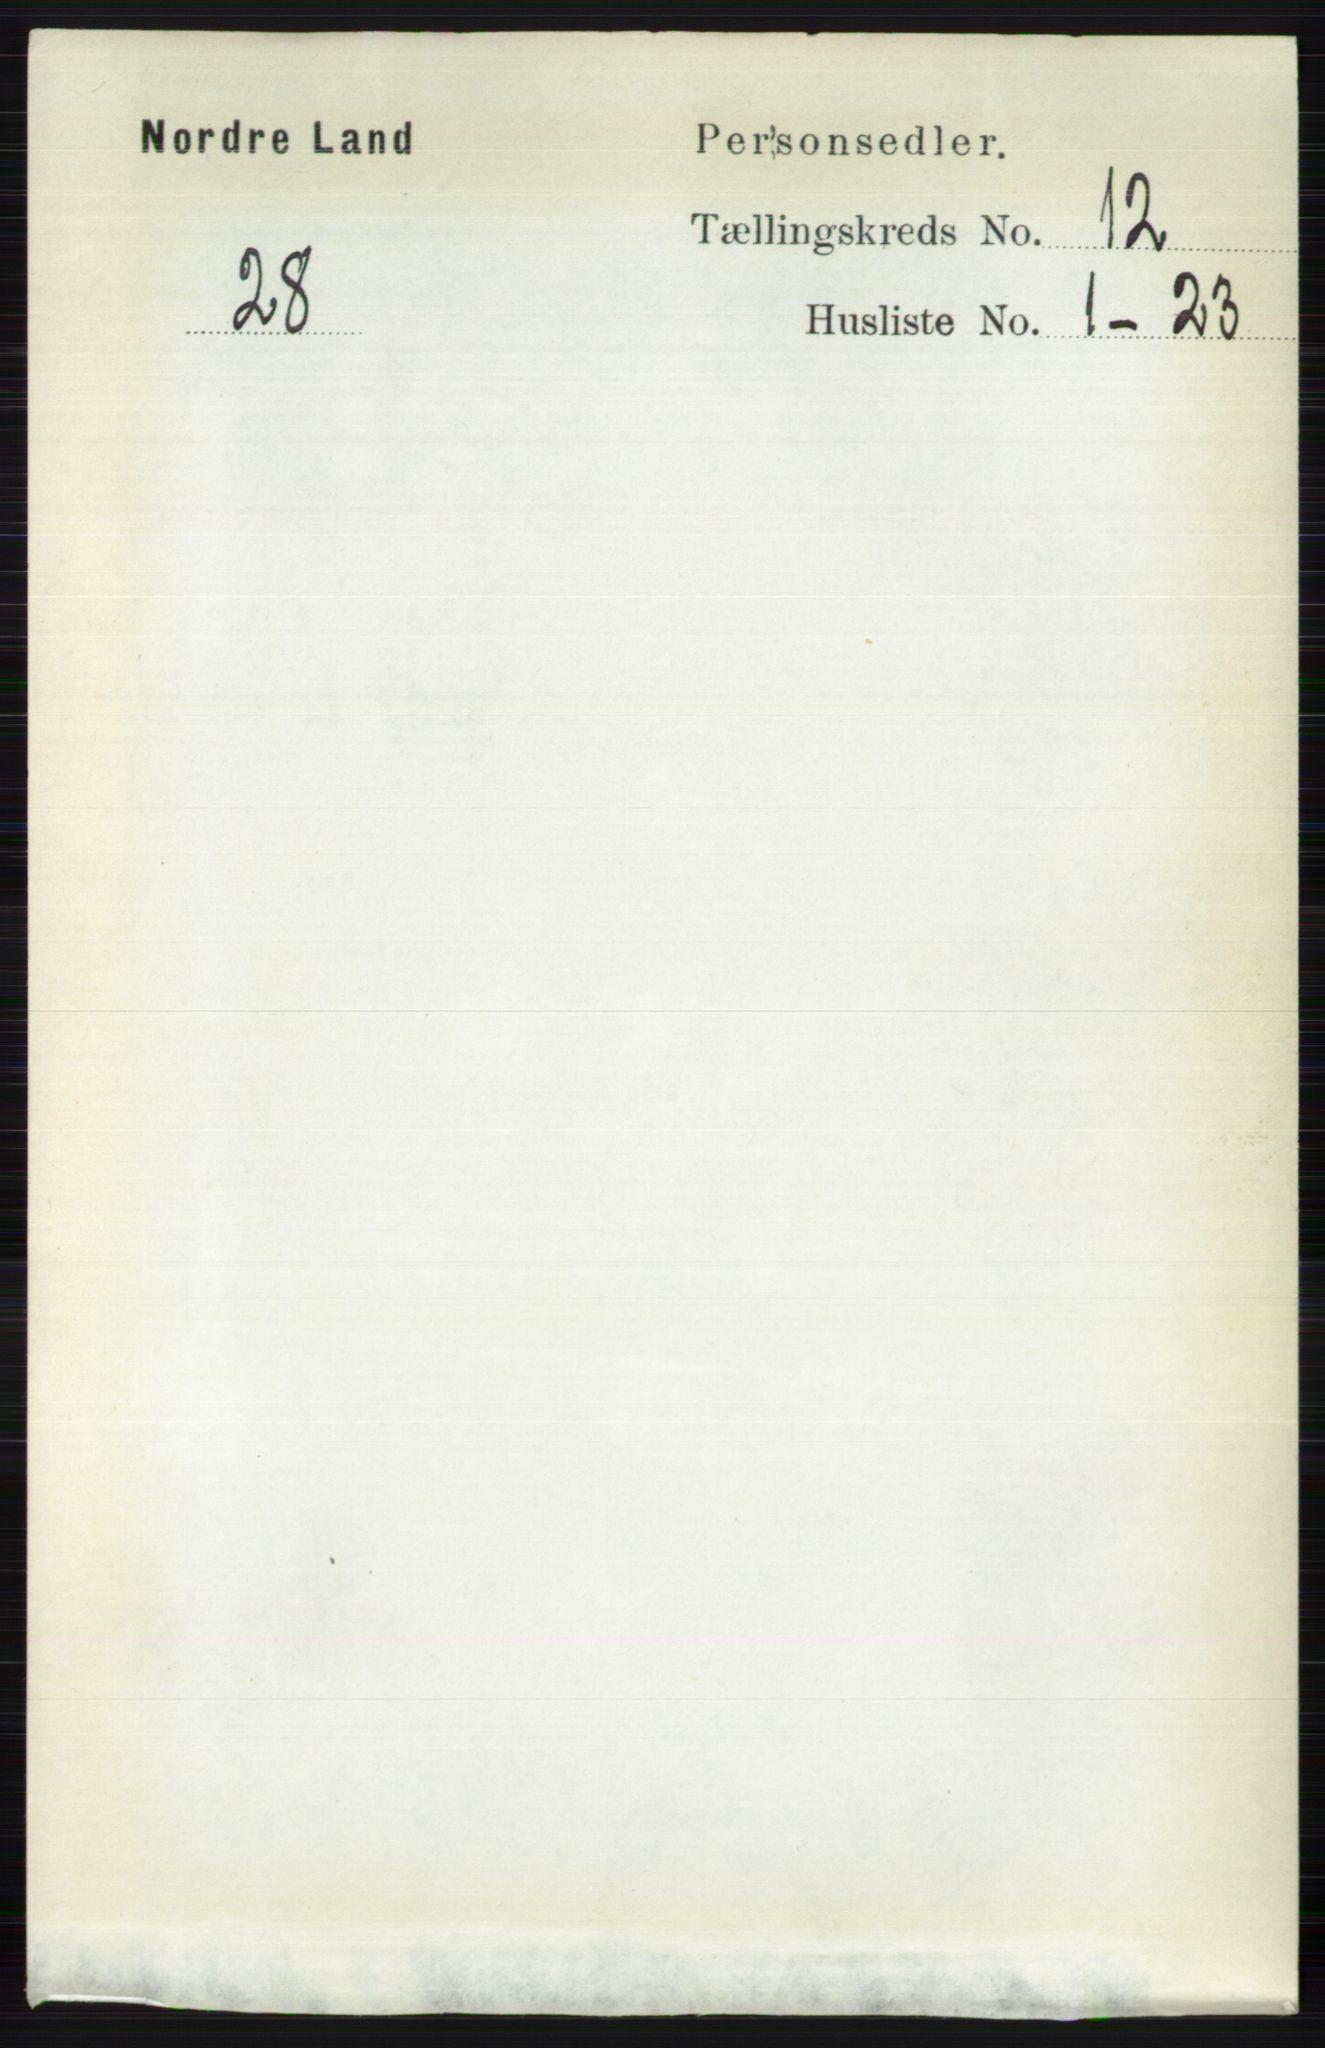 RA, Folketelling 1891 for 0538 Nordre Land herred, 1891, s. 3223